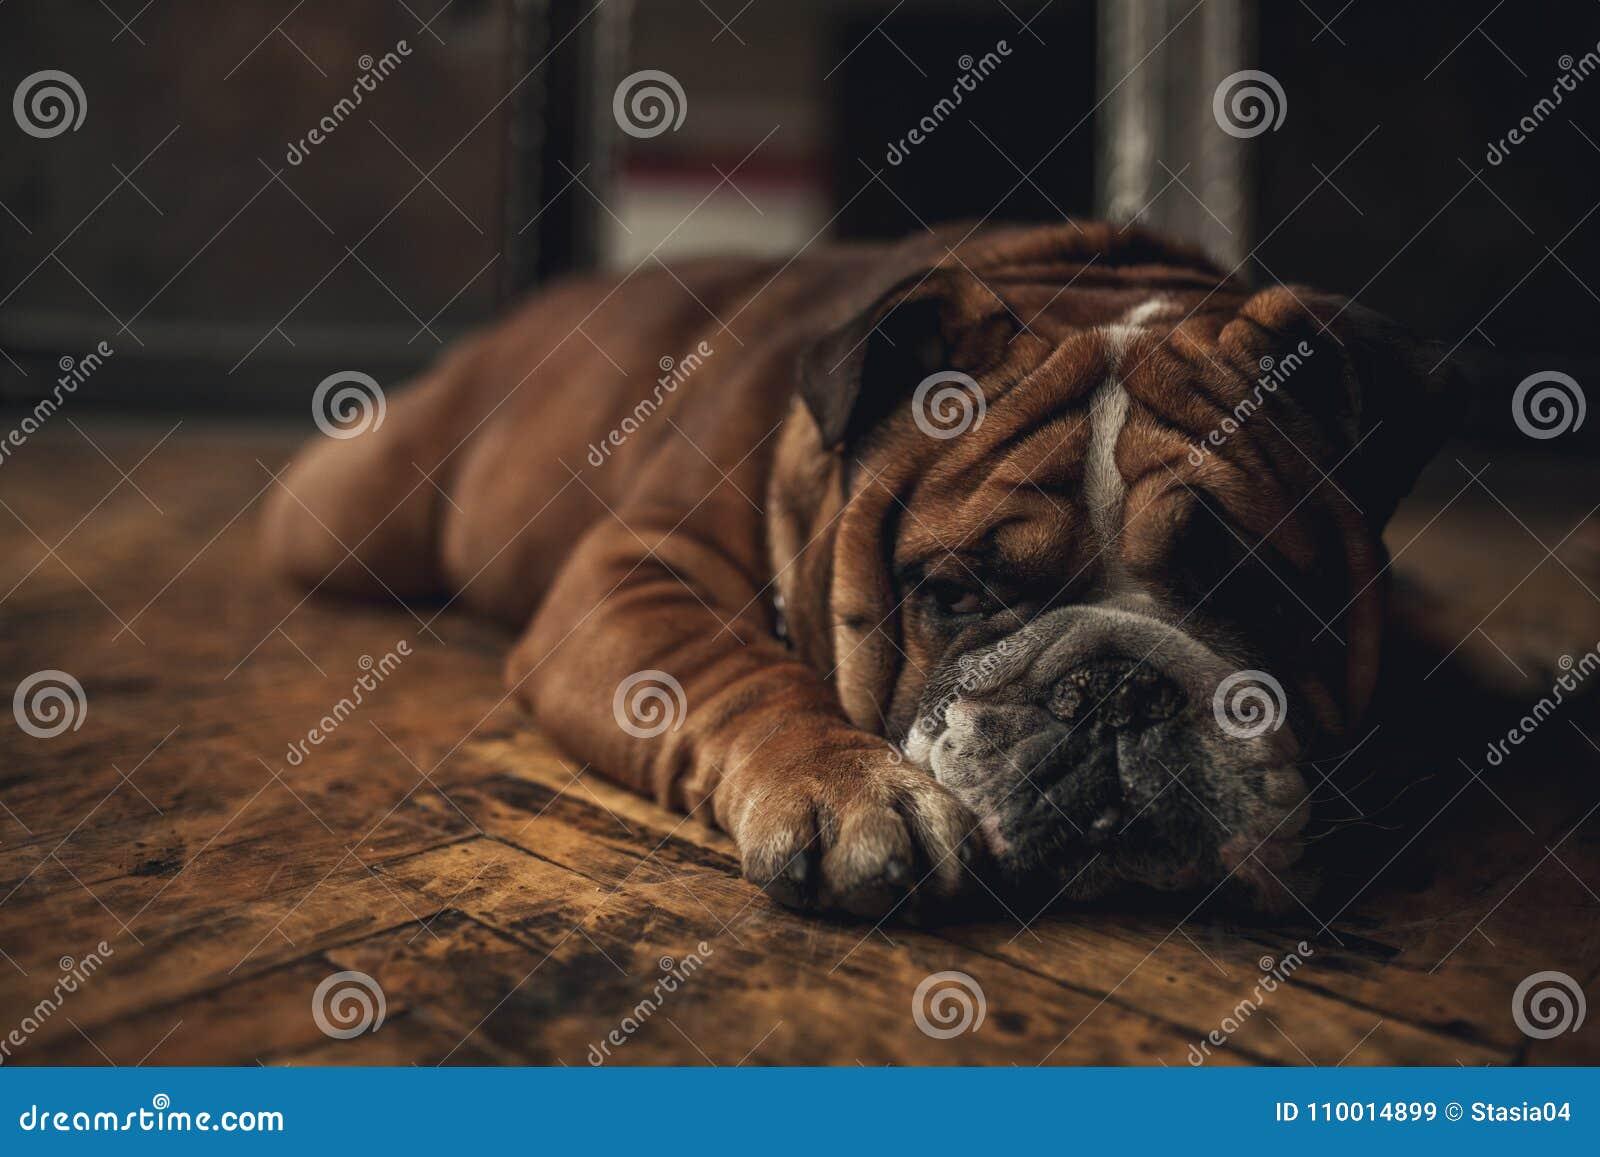 Fußboden In Englisch ~ Englische bulldogge der hunderasse liegt auf altem boden nahaufnahme